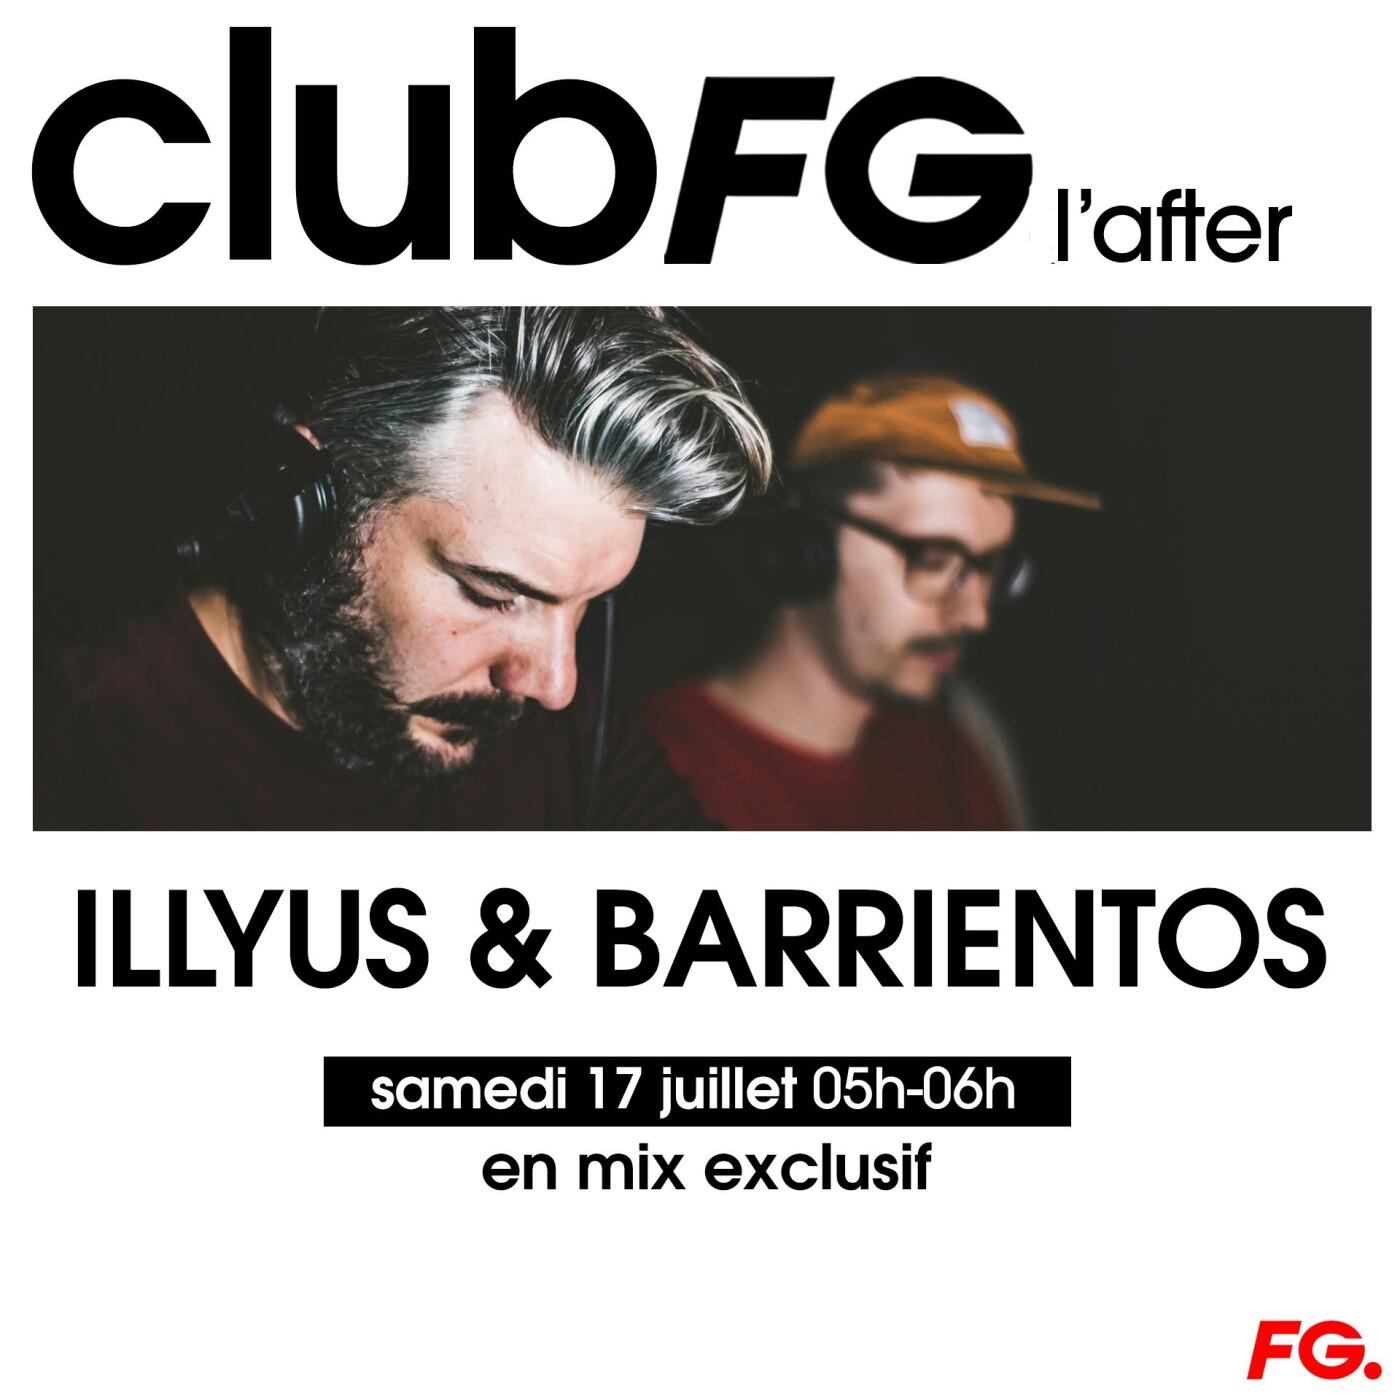 CLUB FG : ILLYUS & BARRIENTOS